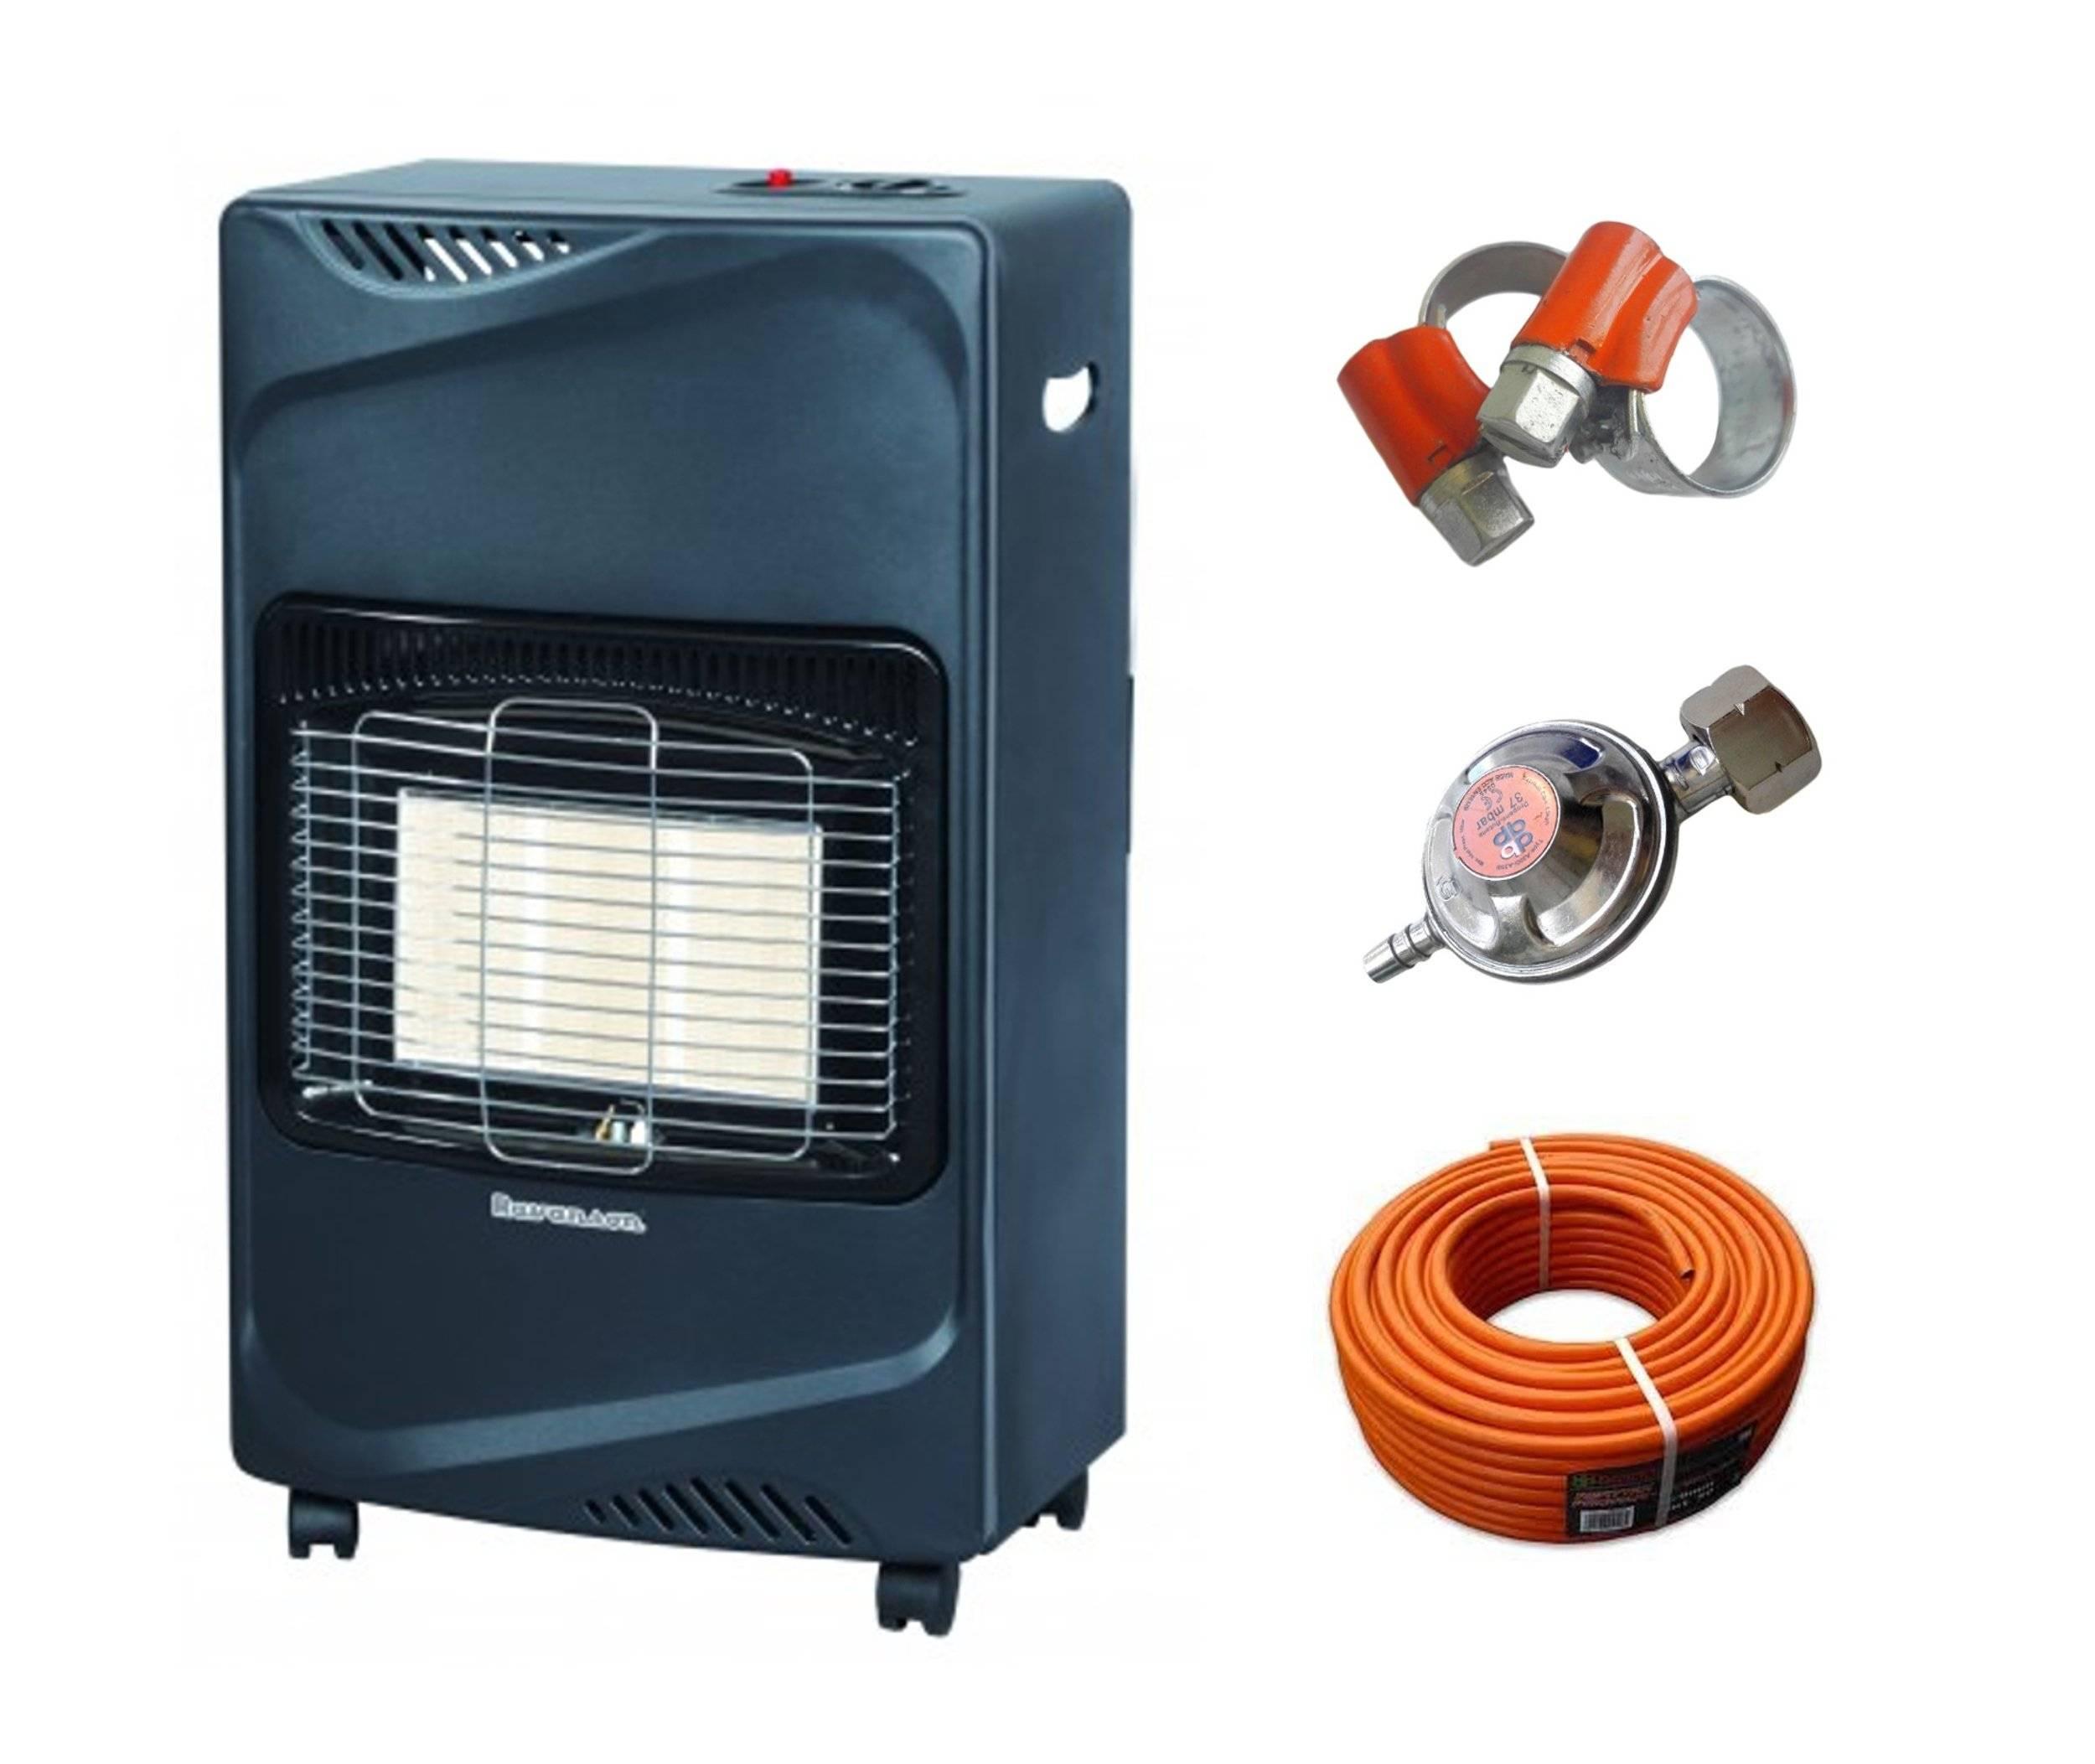 Газовый обогреватель – что это такое, устройство, принцип работы, характеристики, плюсы и минусы